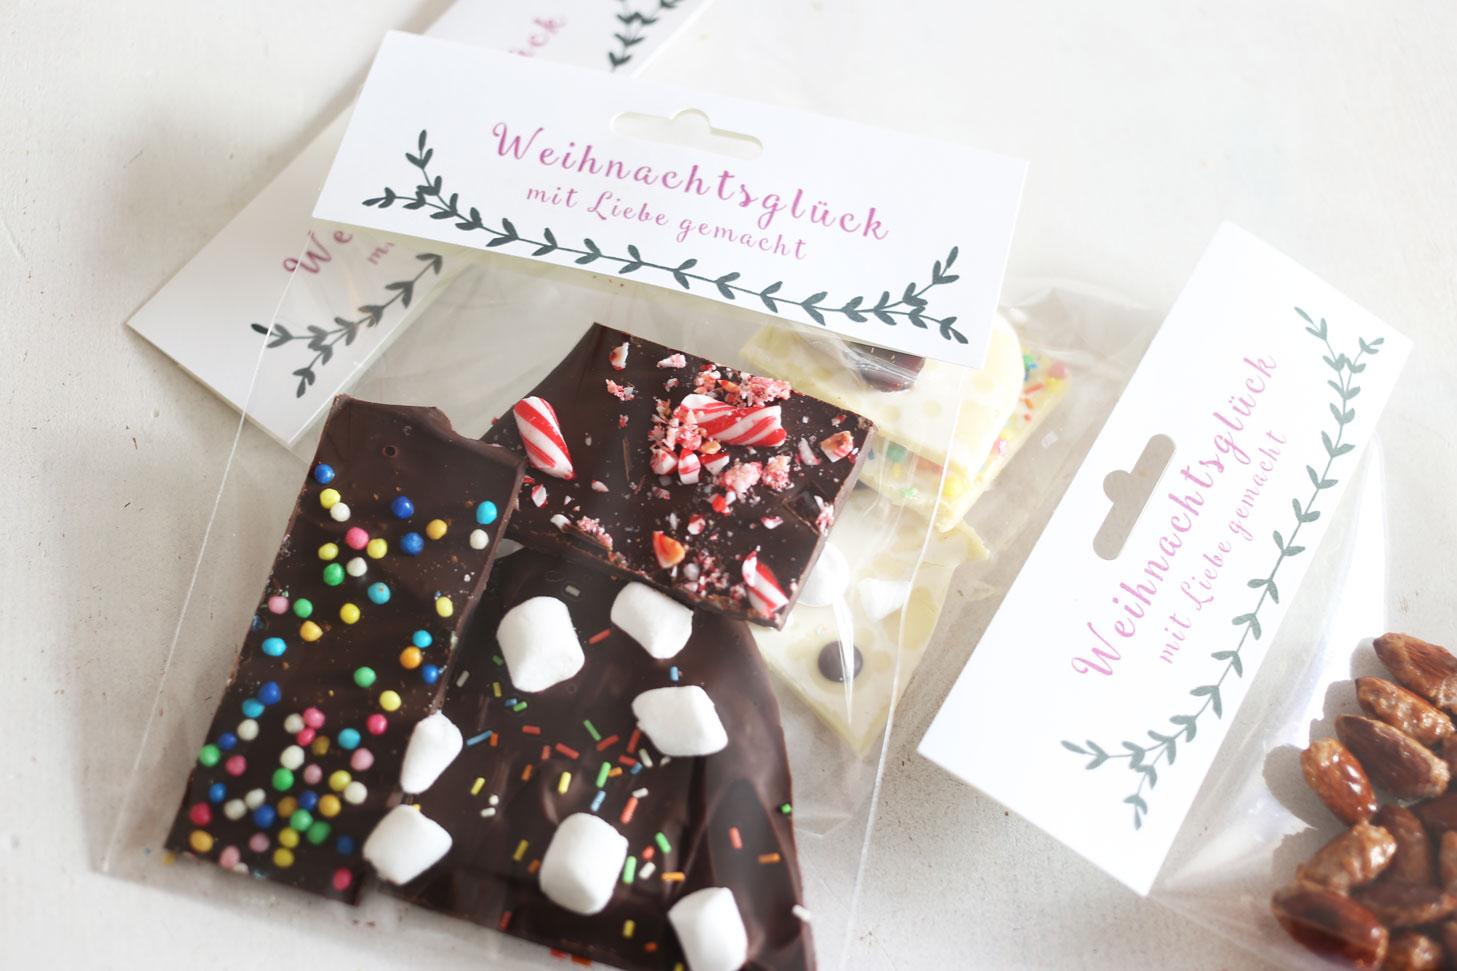 Weihnachtsleckereien Verpackung